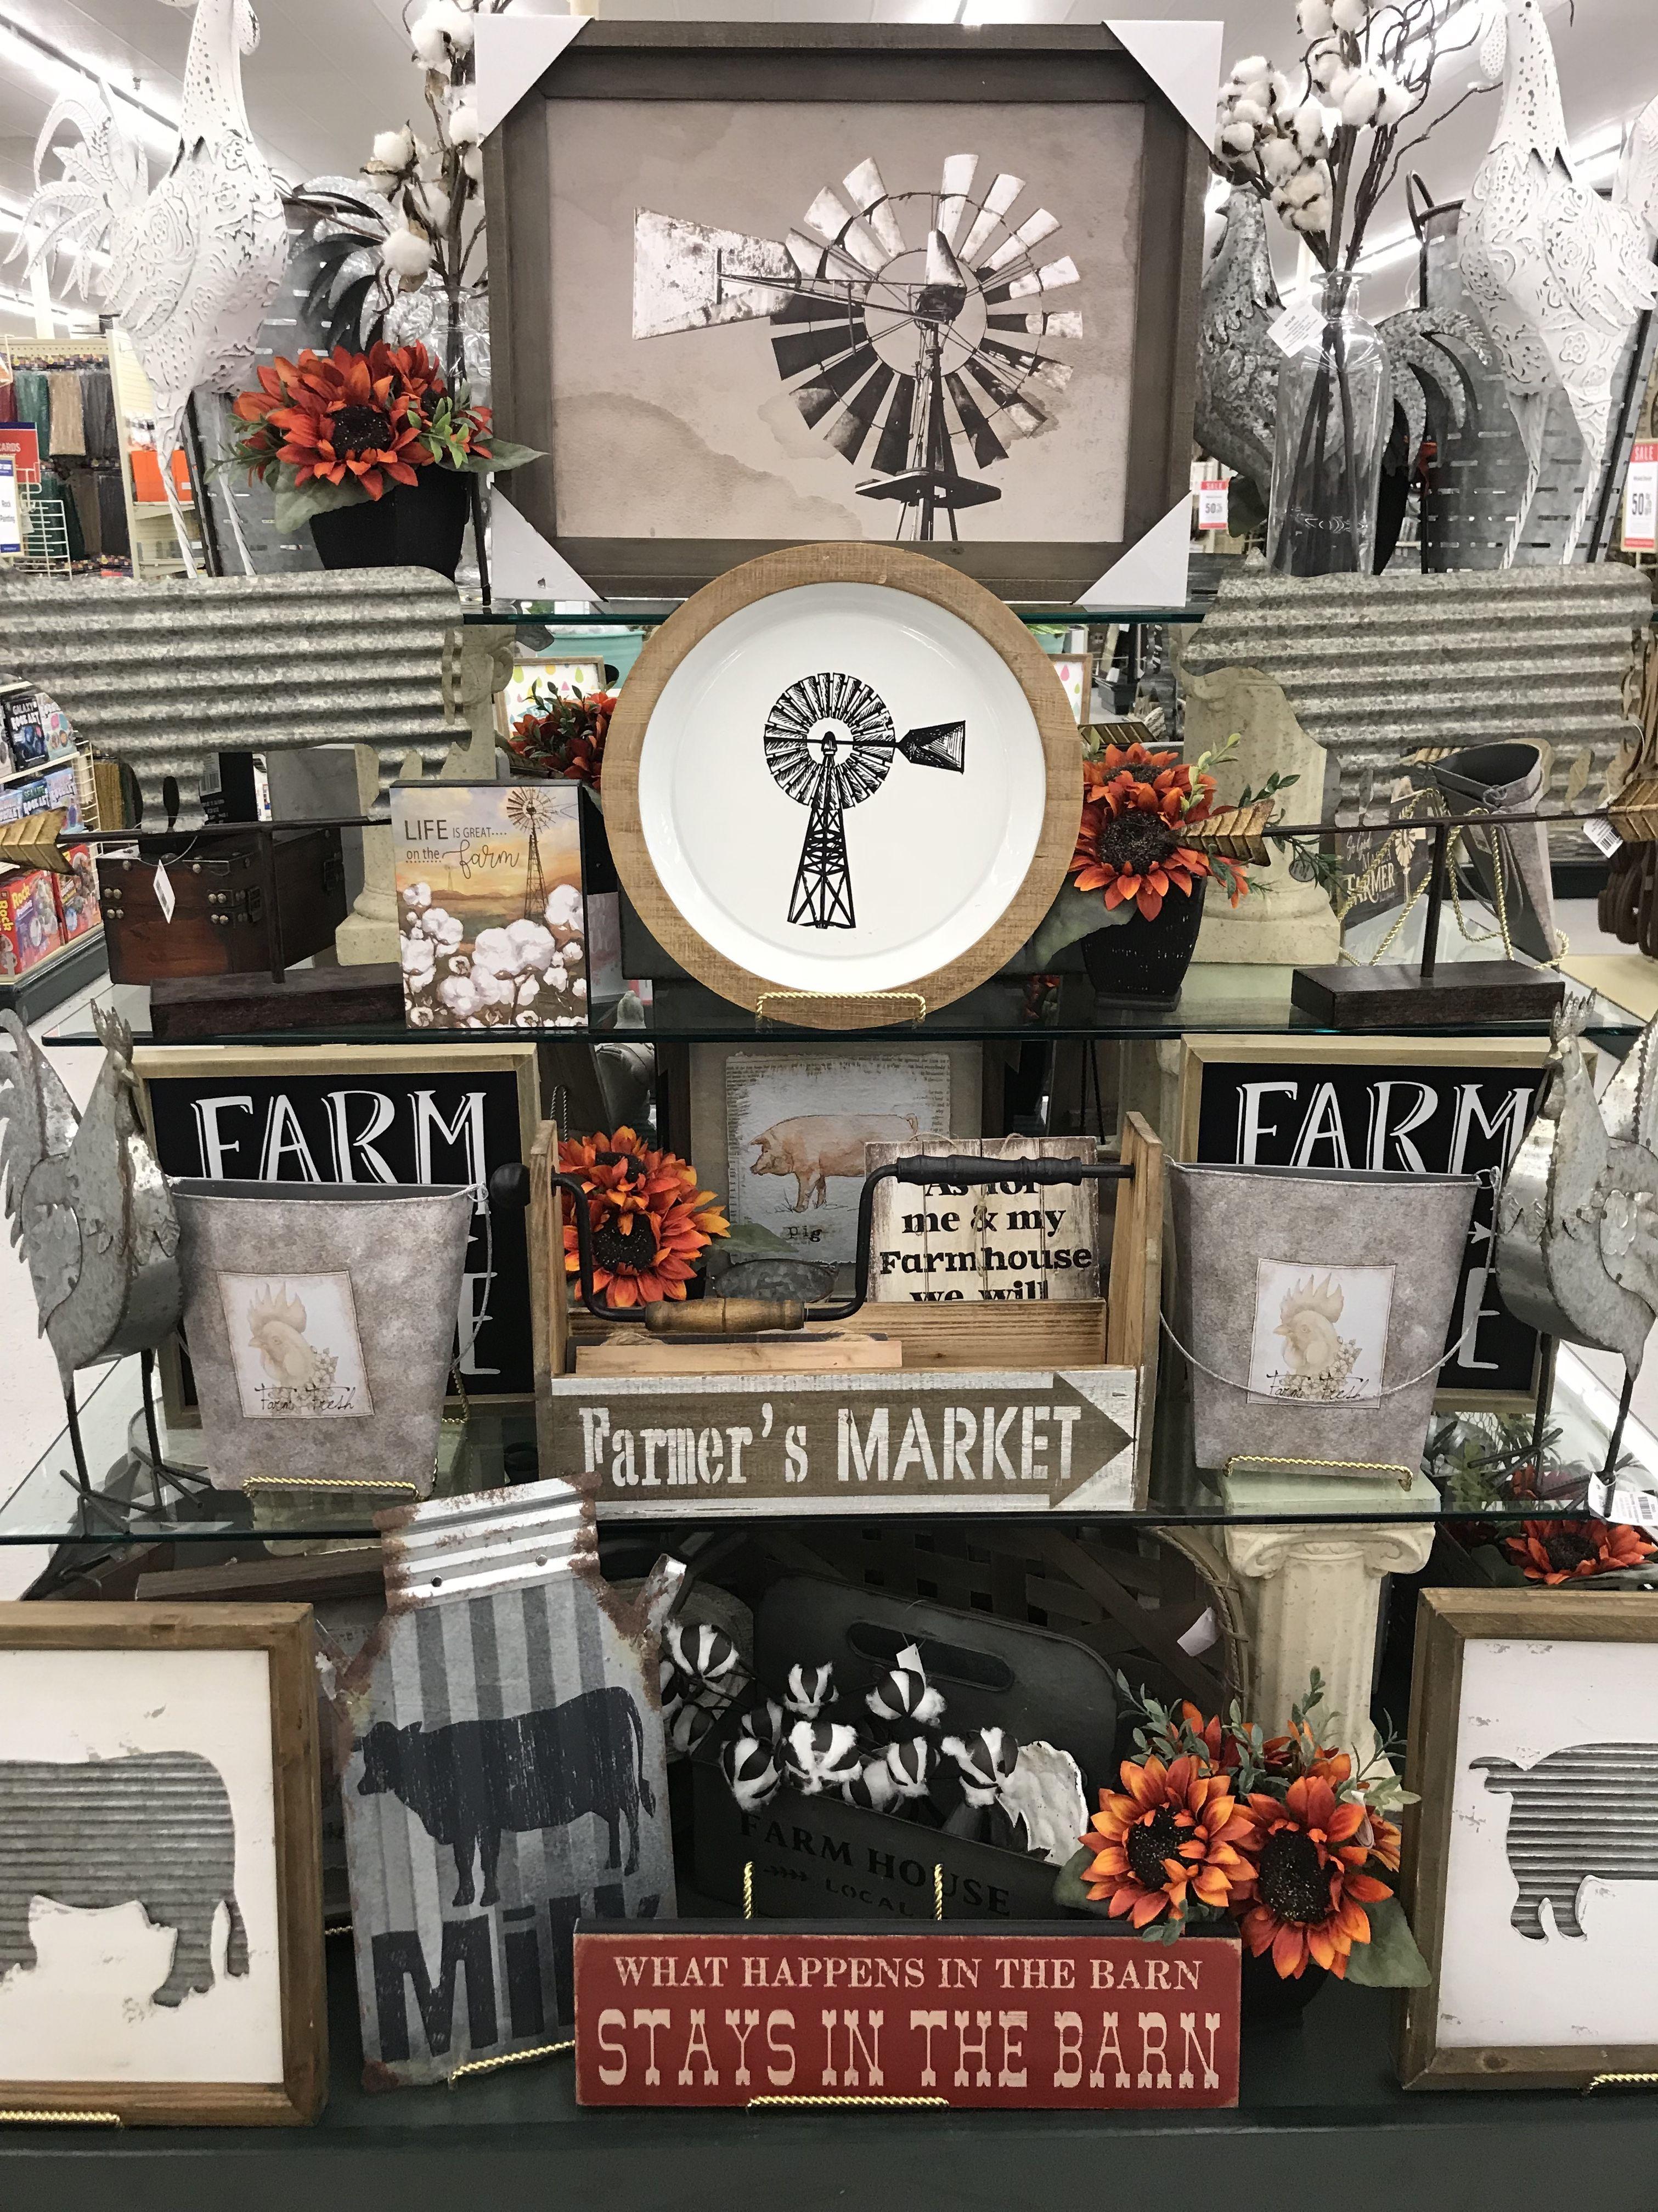 Hobby Lobby Merchandising Table Displays Work Farmhouse Bathroom